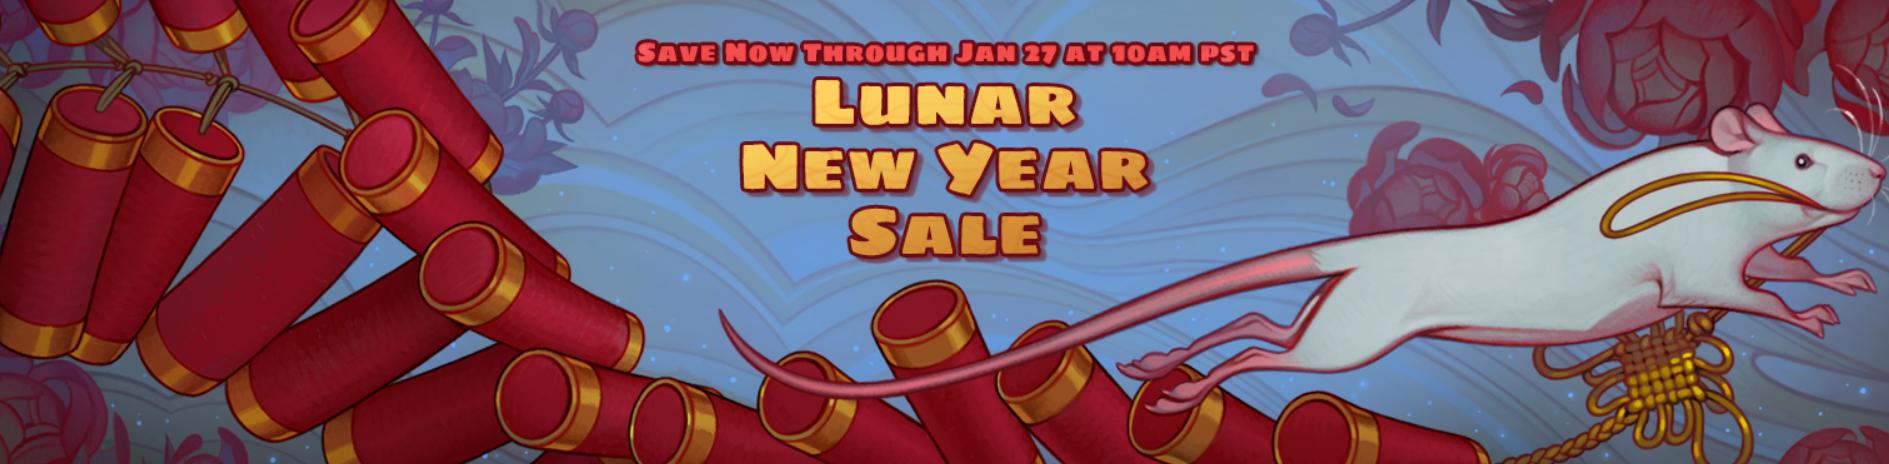 Steam Lunar New Year 2020 Sale